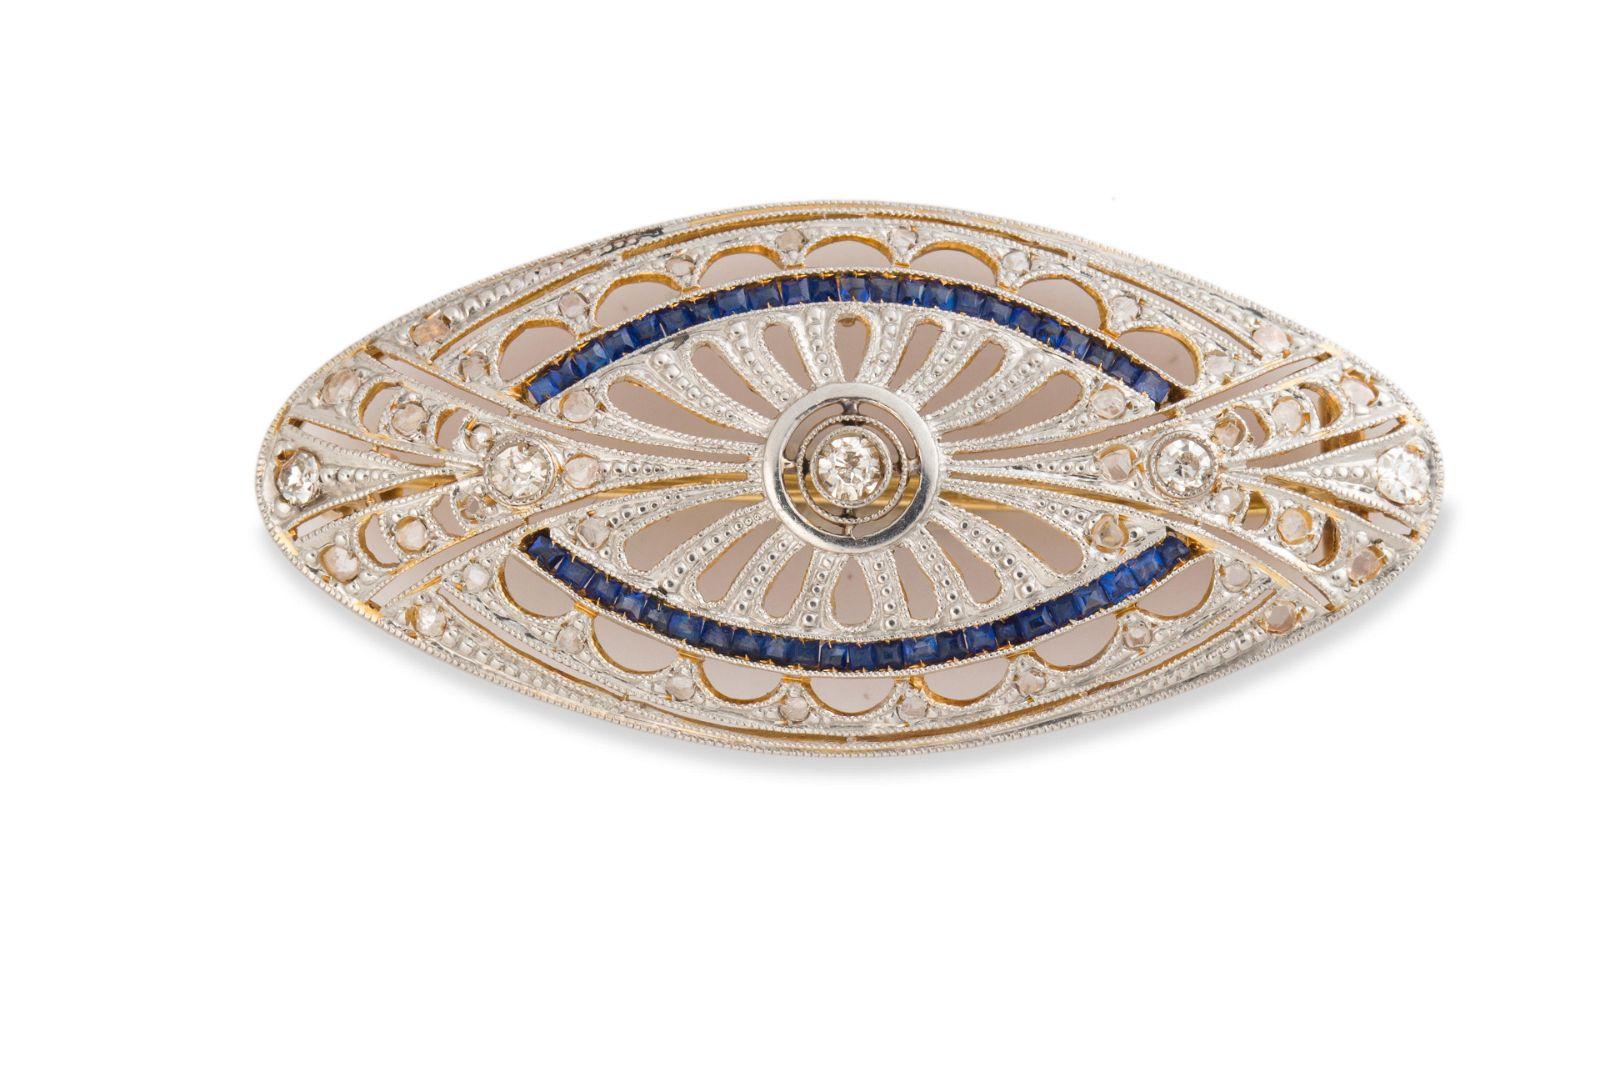 An Art Deco diamond, sapphire and twelve karat gold